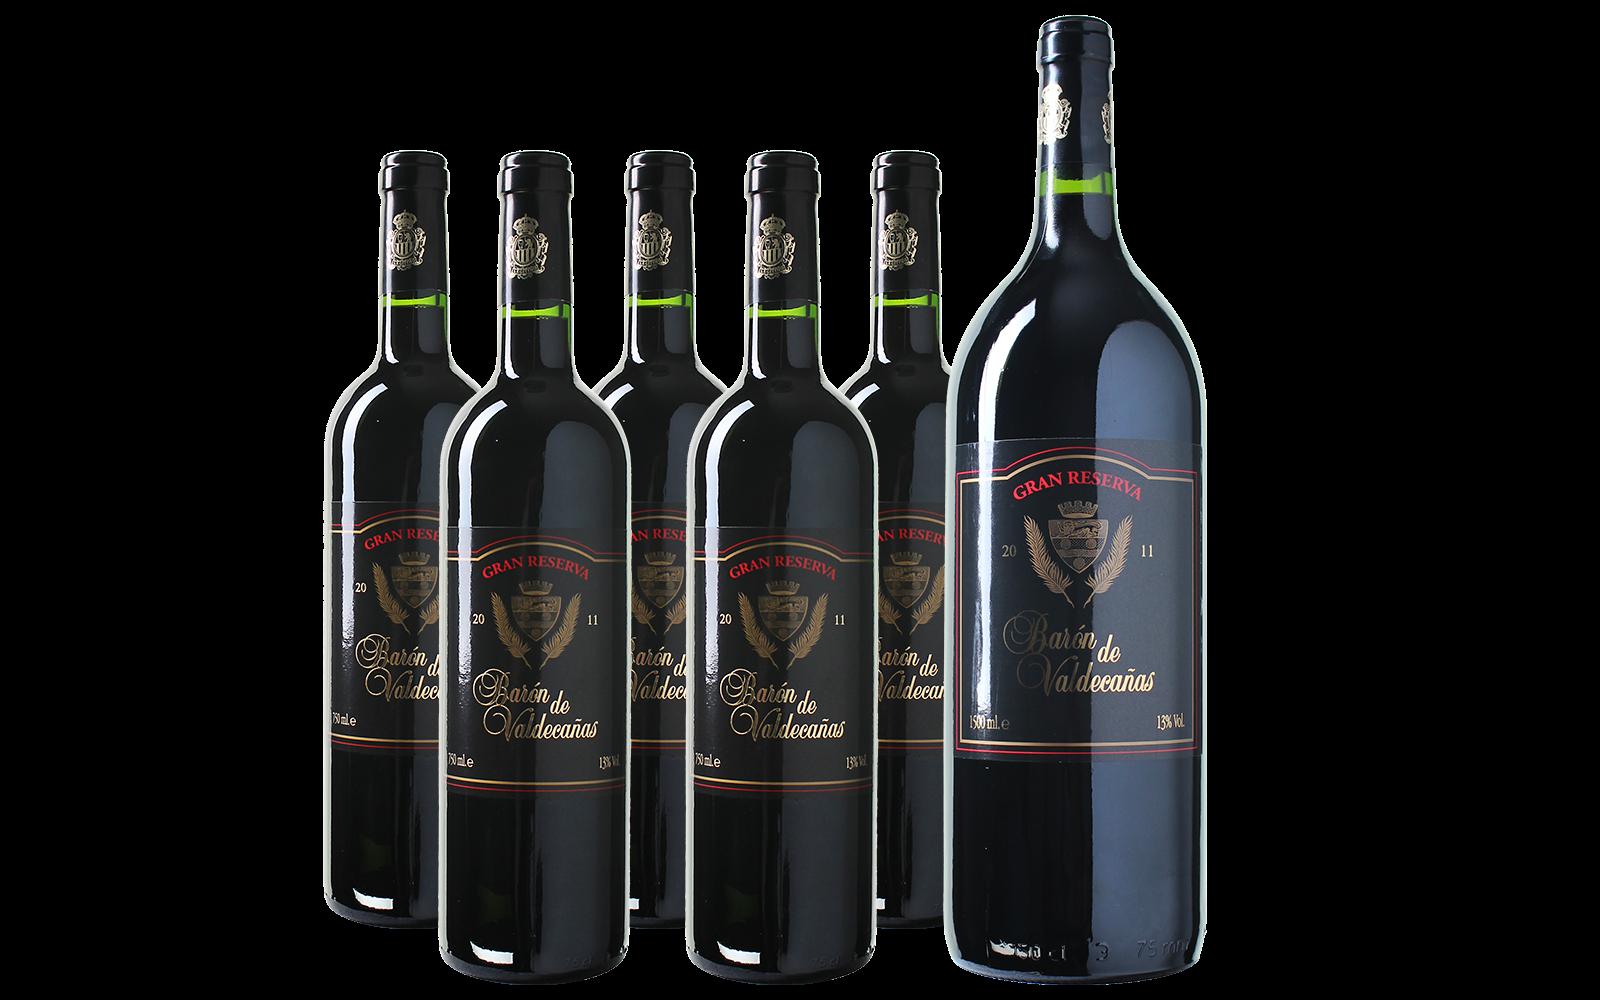 Baron de Valdecanas Wijnpakket